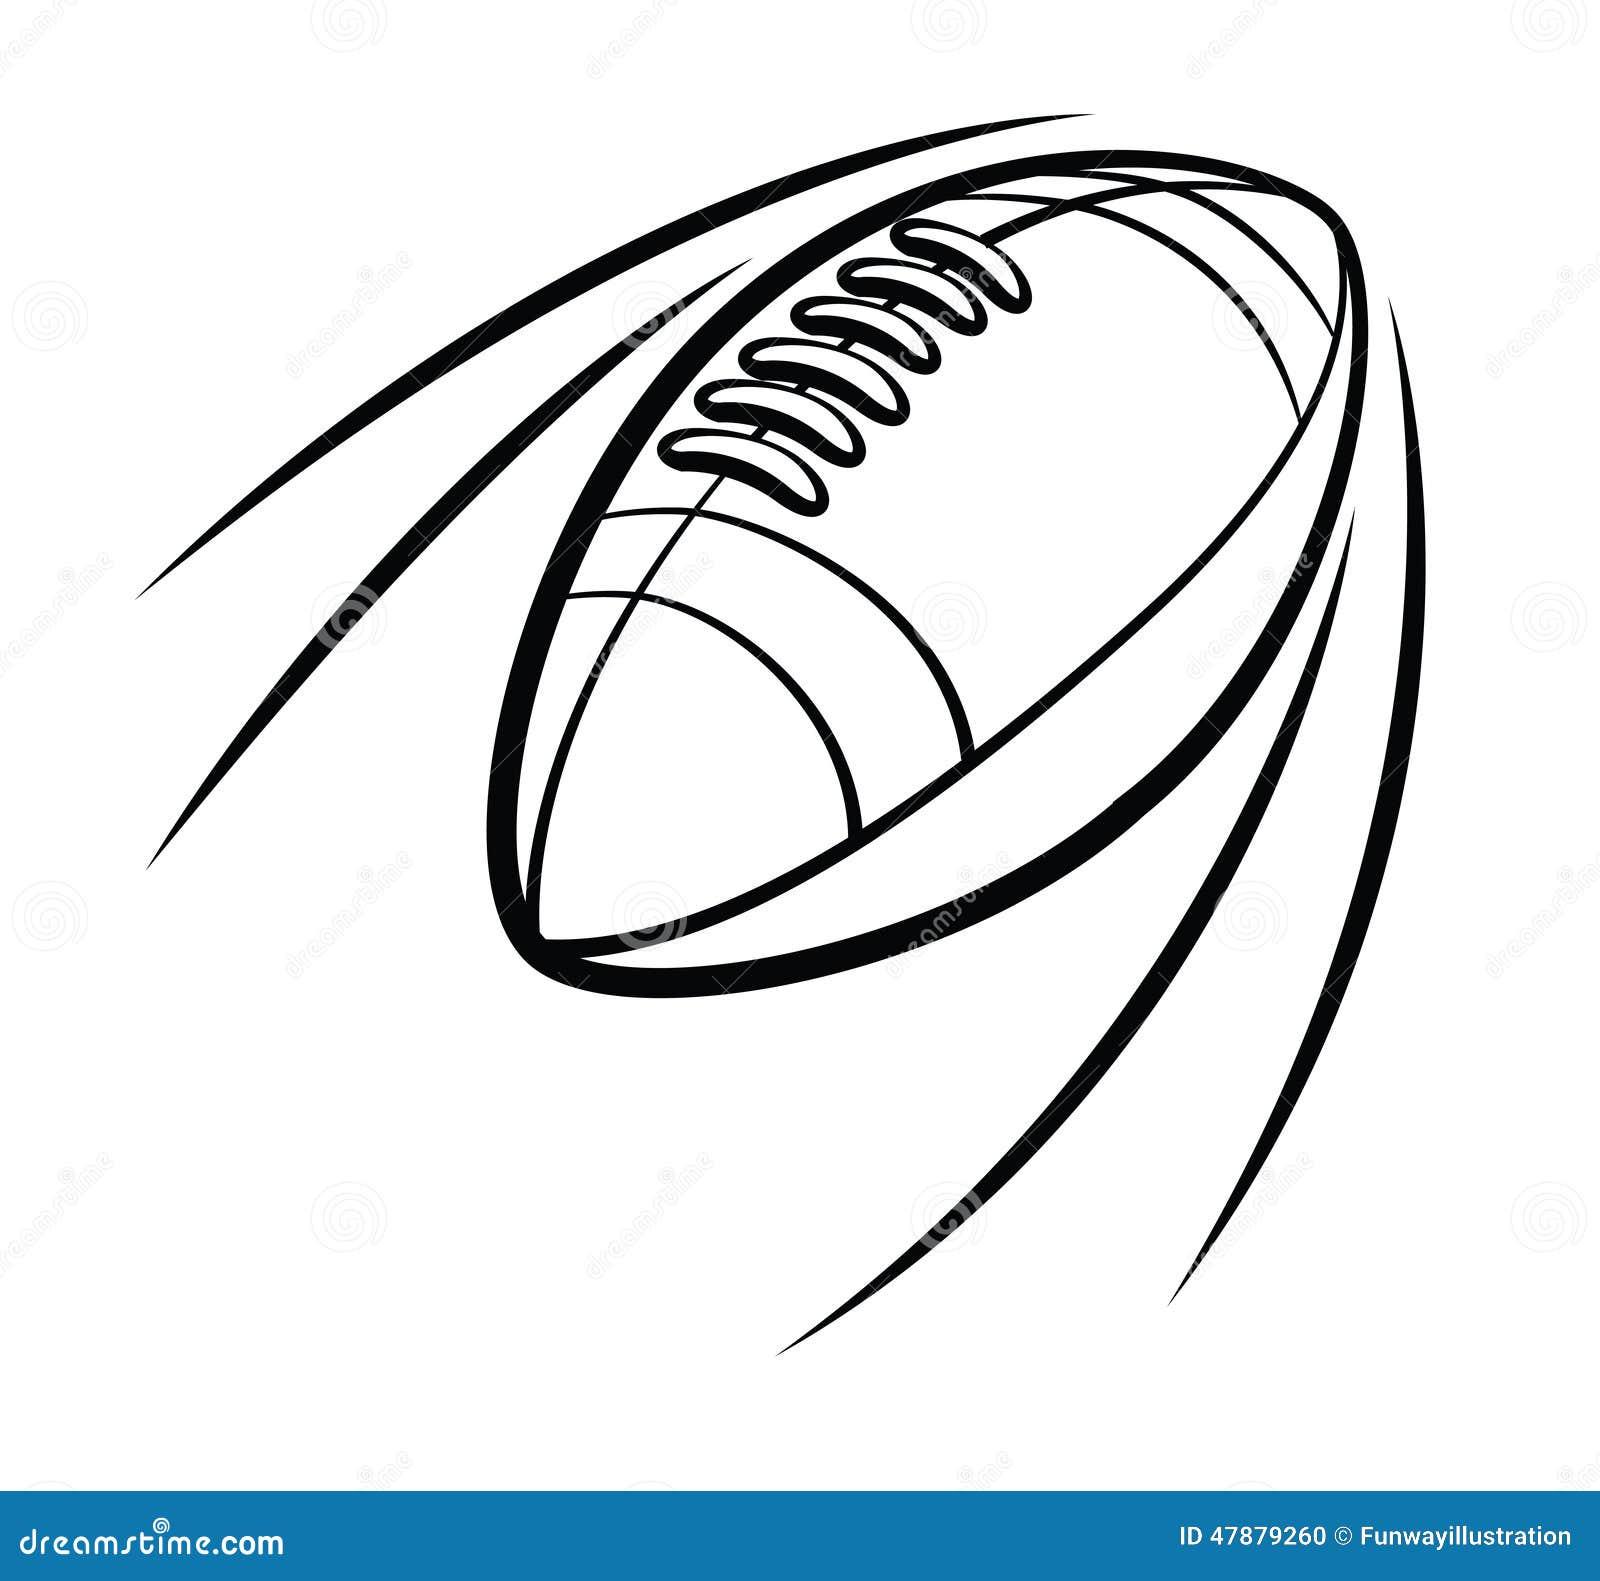 Football symbol stock vector illustration of goal league 47879260 football symbol goal league buycottarizona